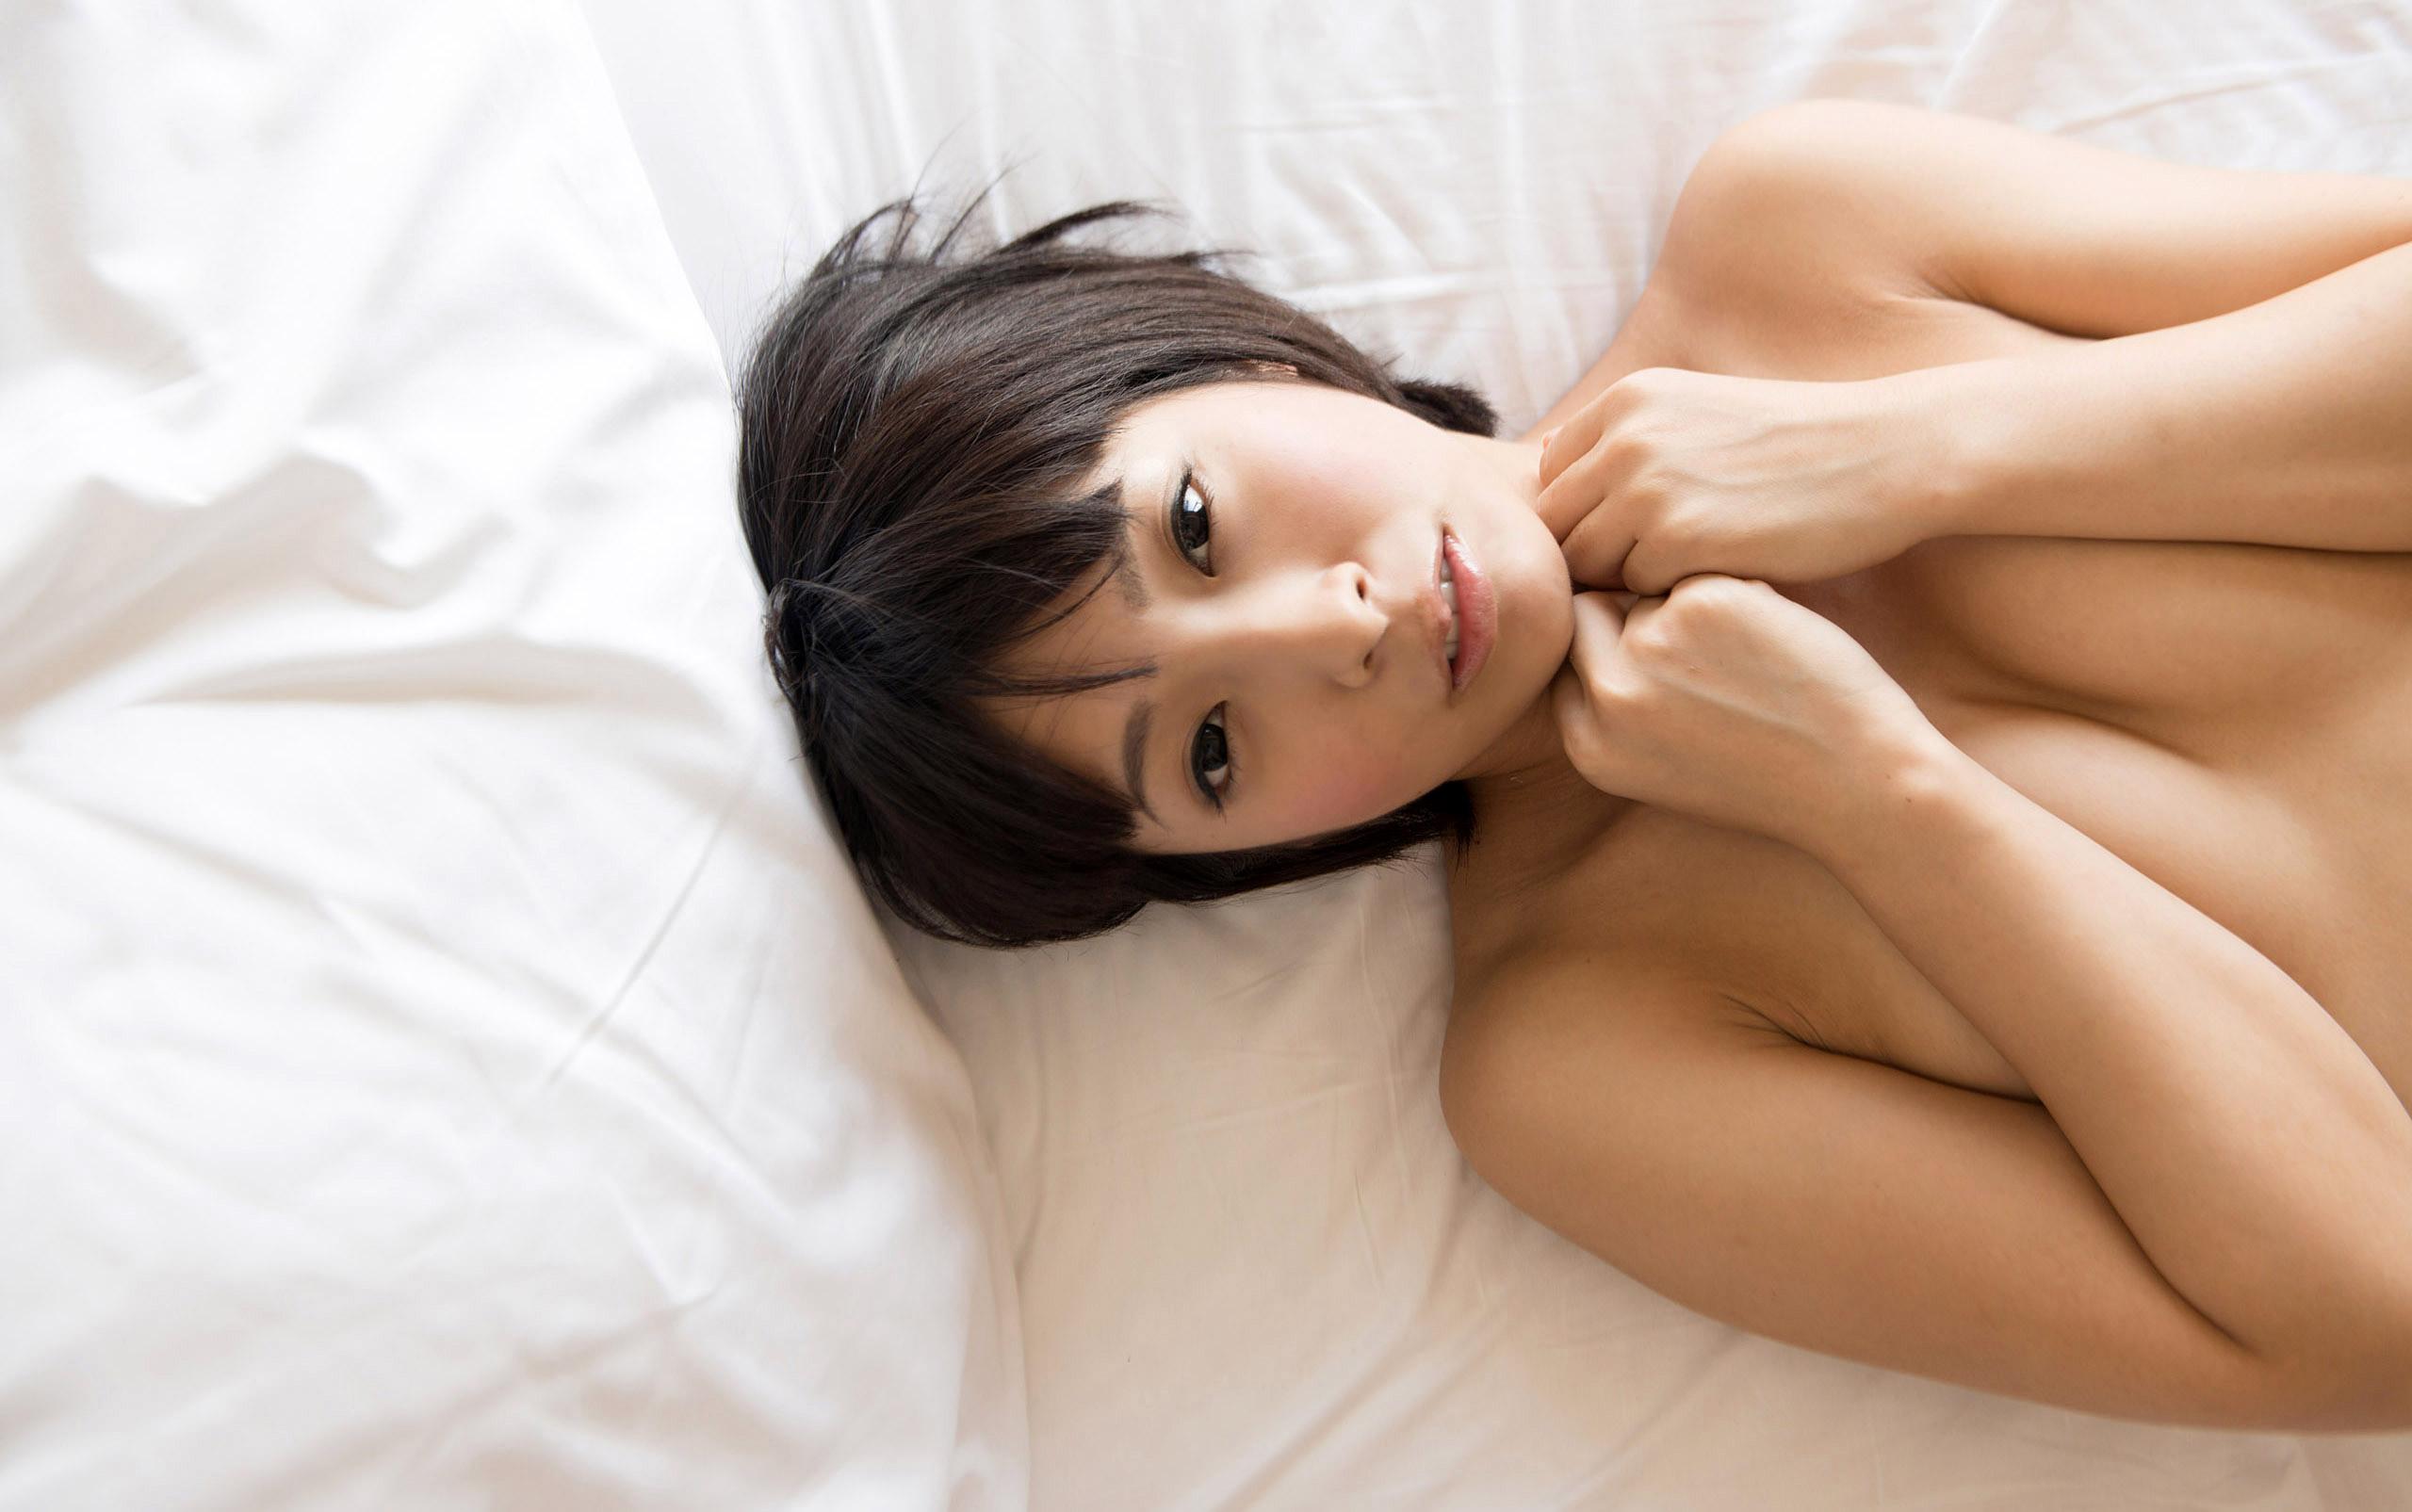 阿部乃みく(あべのみく) ショートヘアのロリ顔天使がラブラブセックスなAV女優エロ画像 89枚 No.69